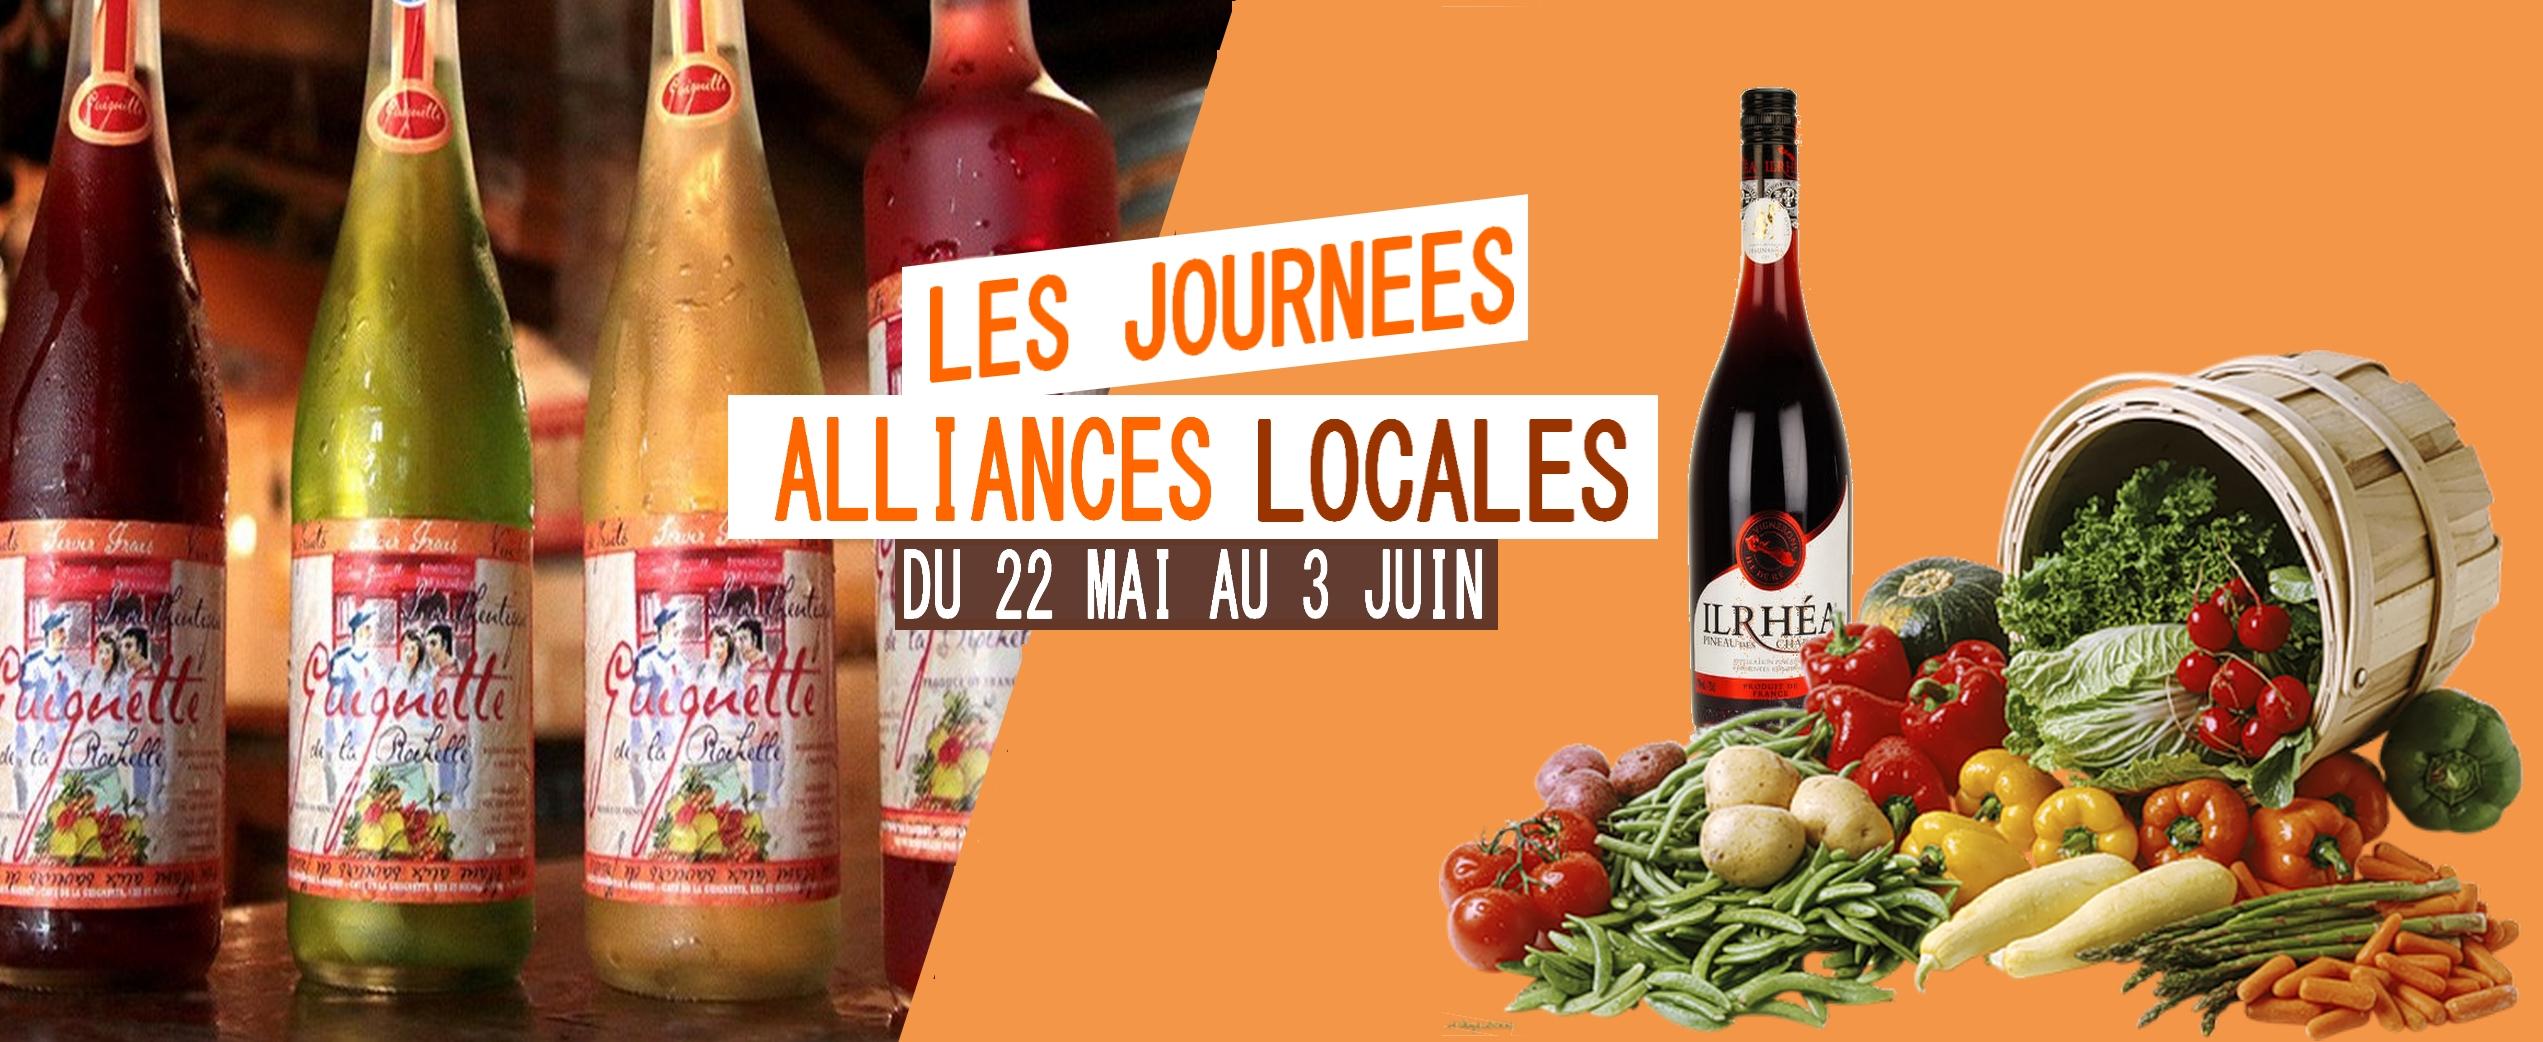 Alliances+locales